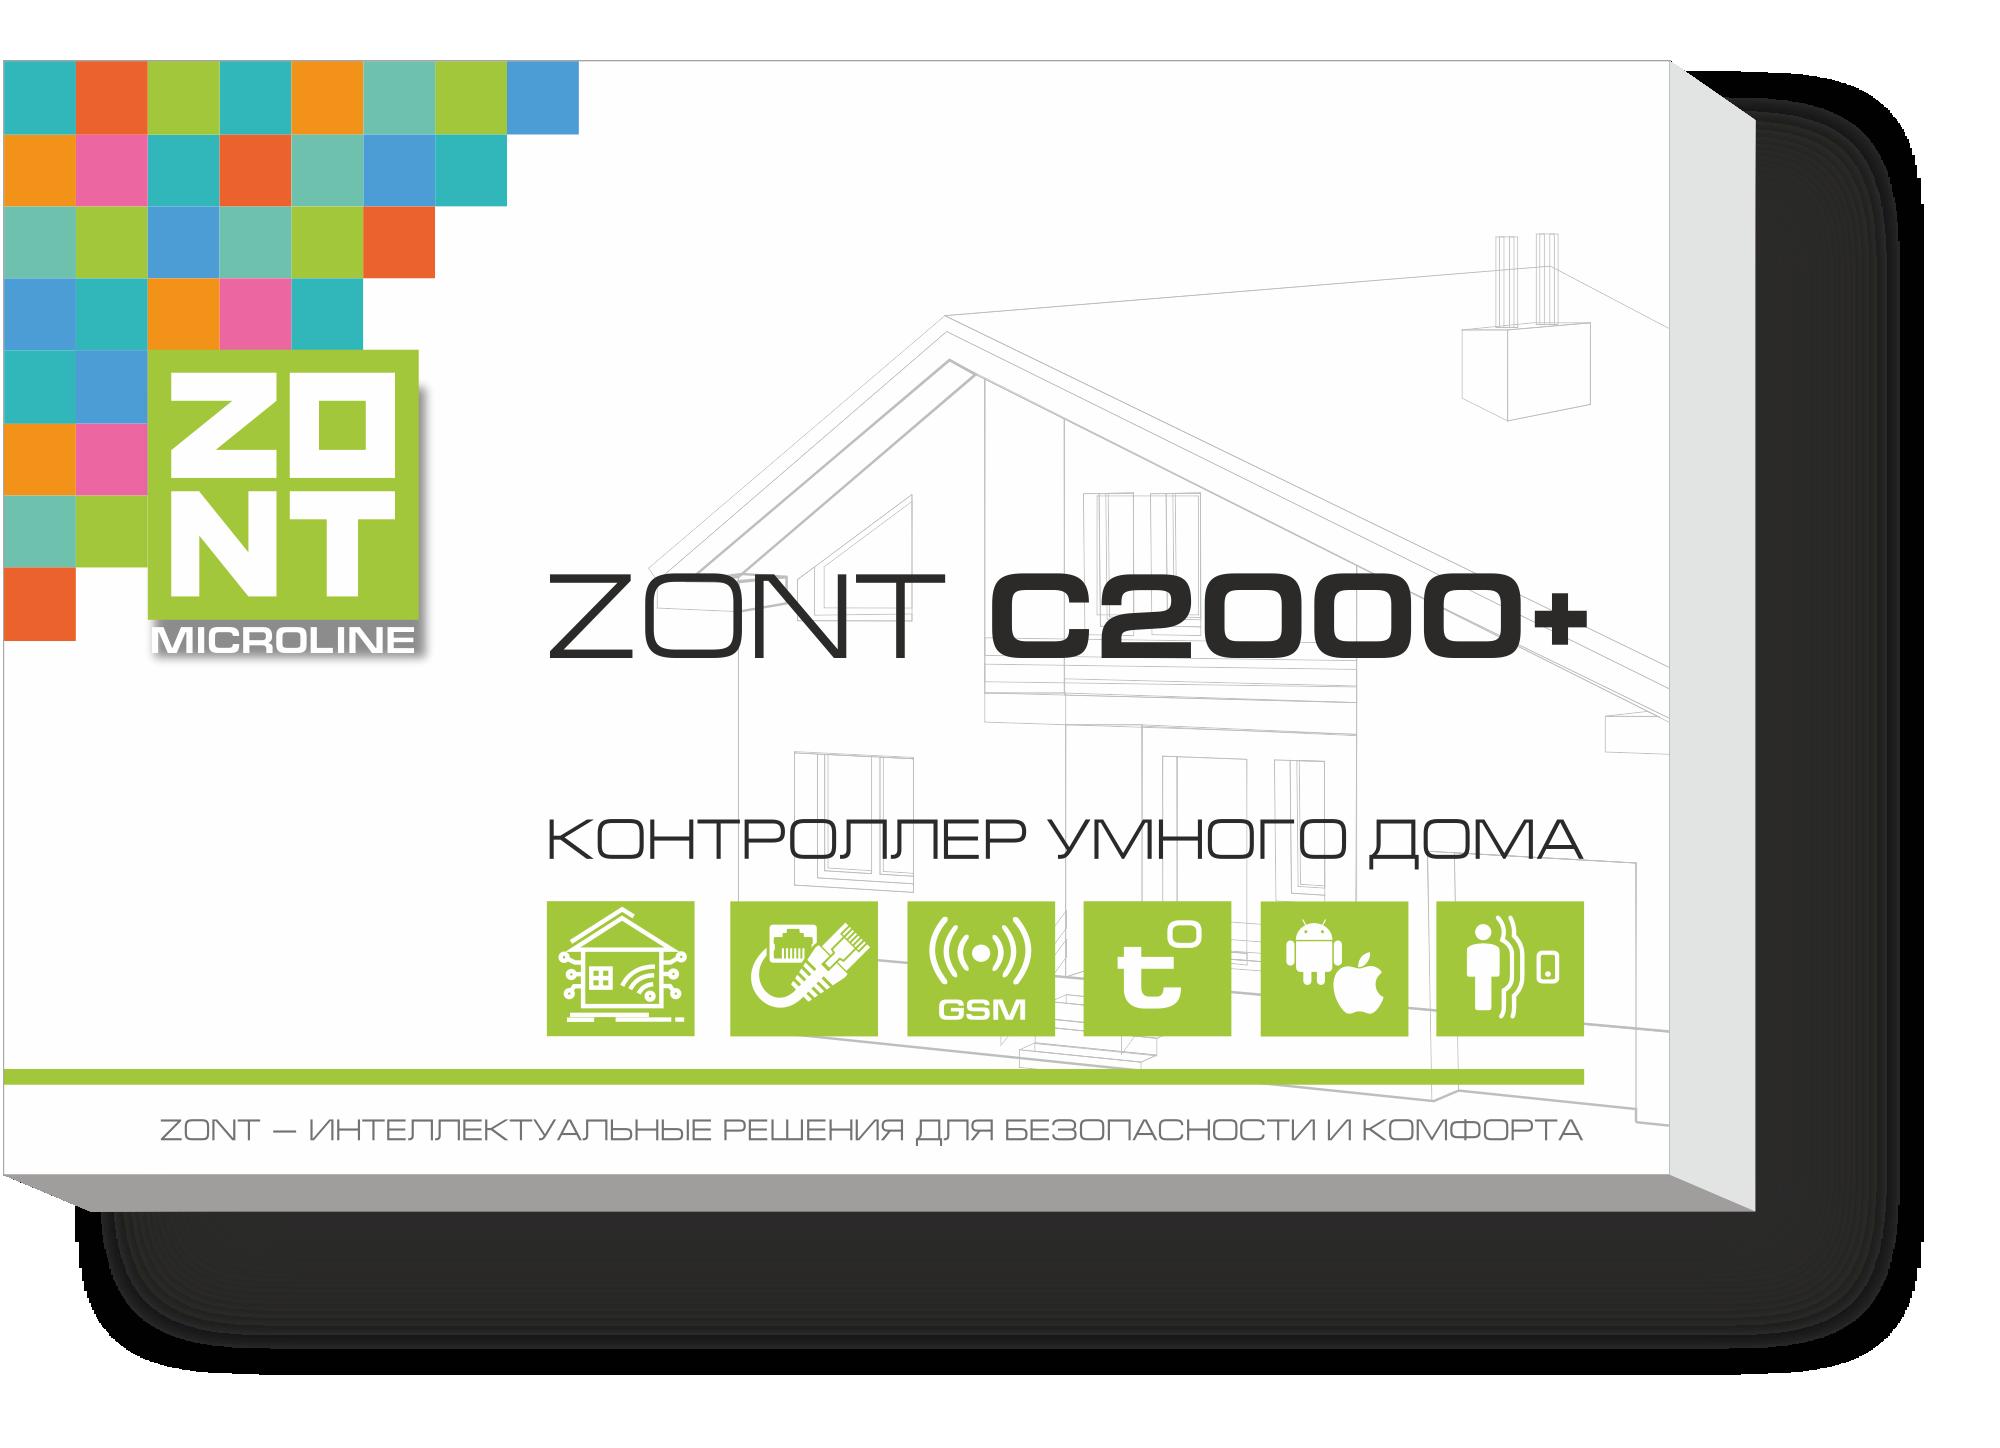 Контроллер умного дома ZONT C2000+